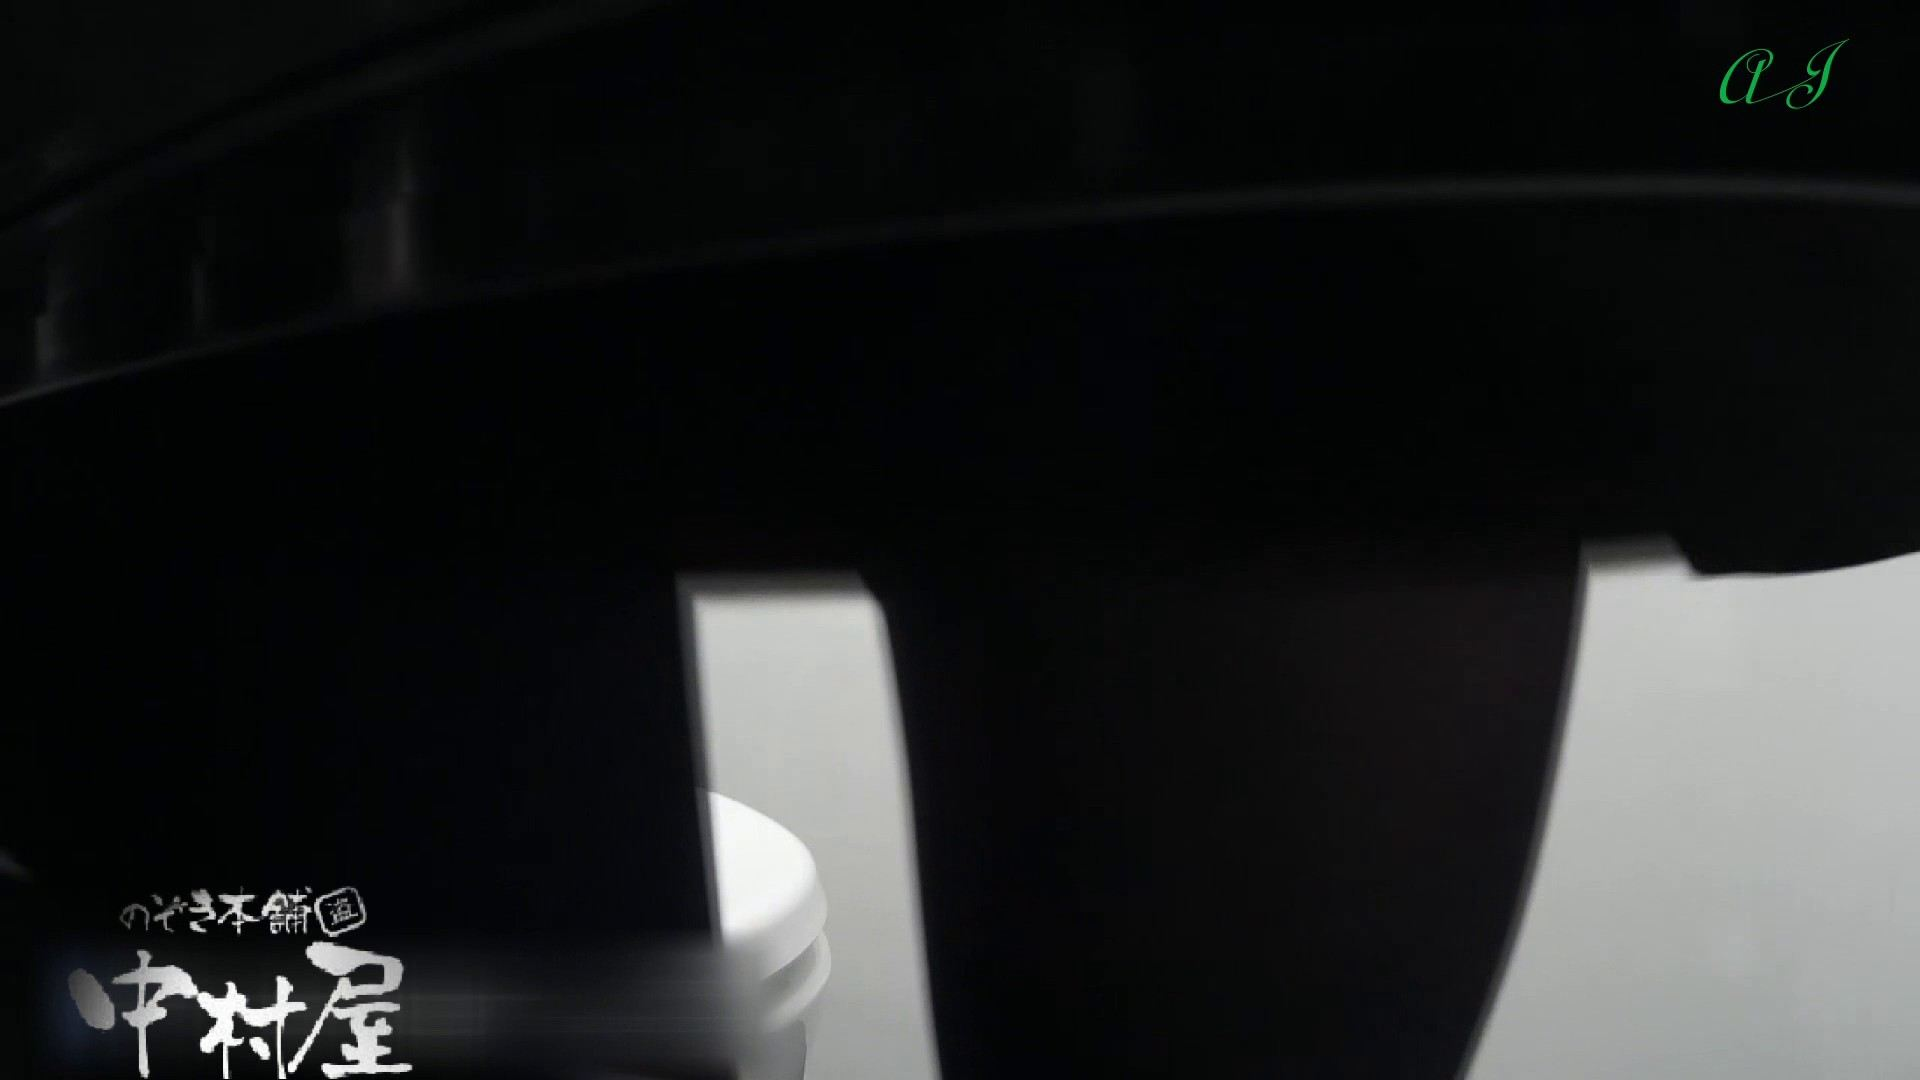 新アングル 4名の美女達 有名大学女性洗面所 vol.76後編 美女まとめ ワレメ動画紹介 98PIX 39